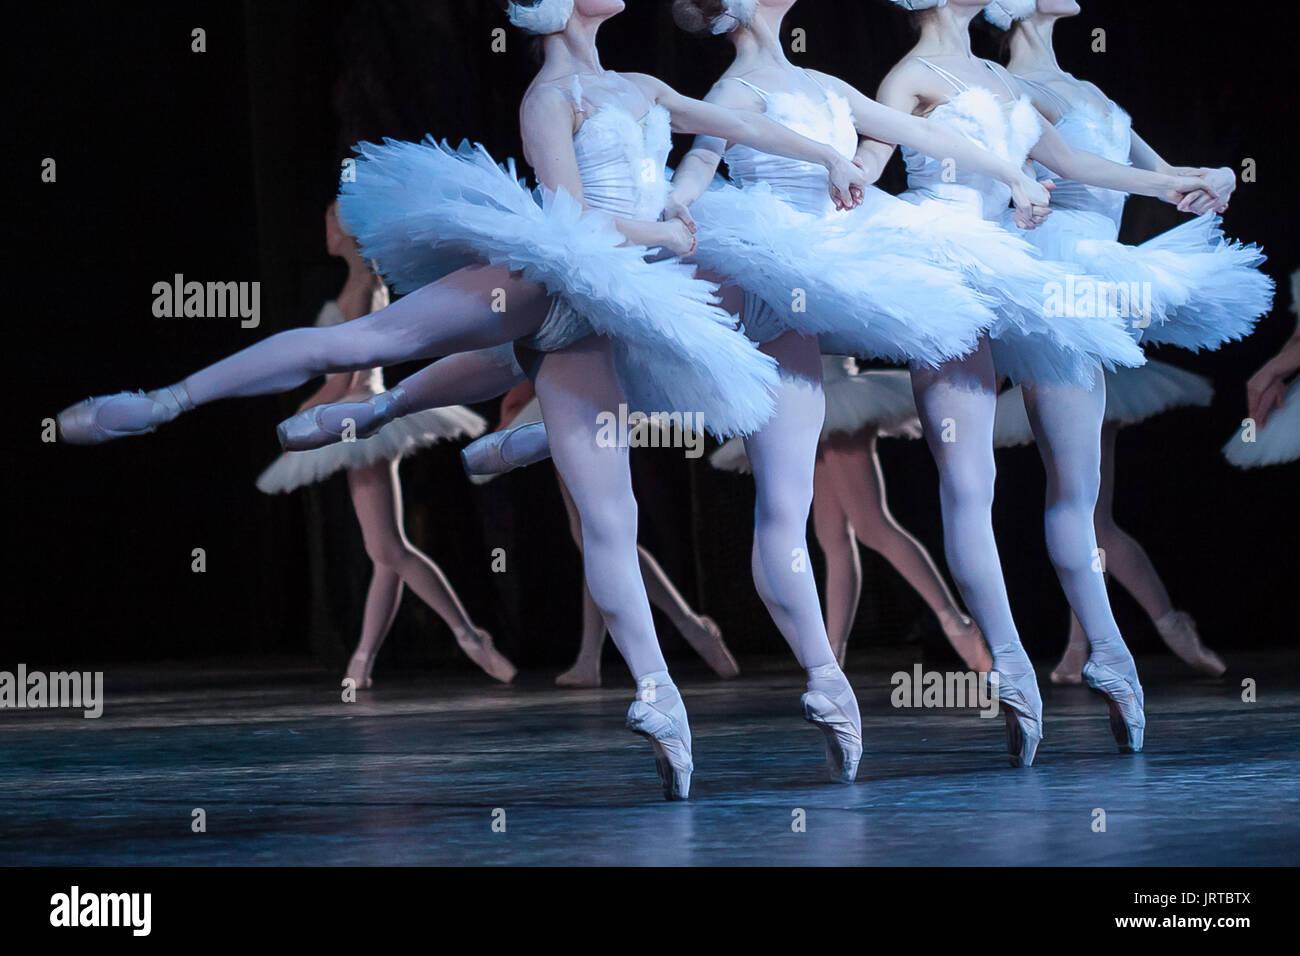 Schönheit, Agilität, tanzen Konzept. Arm in Arm 4 elegante und graziöse weiblichen Tänzer, spielen die Rollen der Petite Schwäne, Bewegen, Tanzen und synchron springen Stockbild